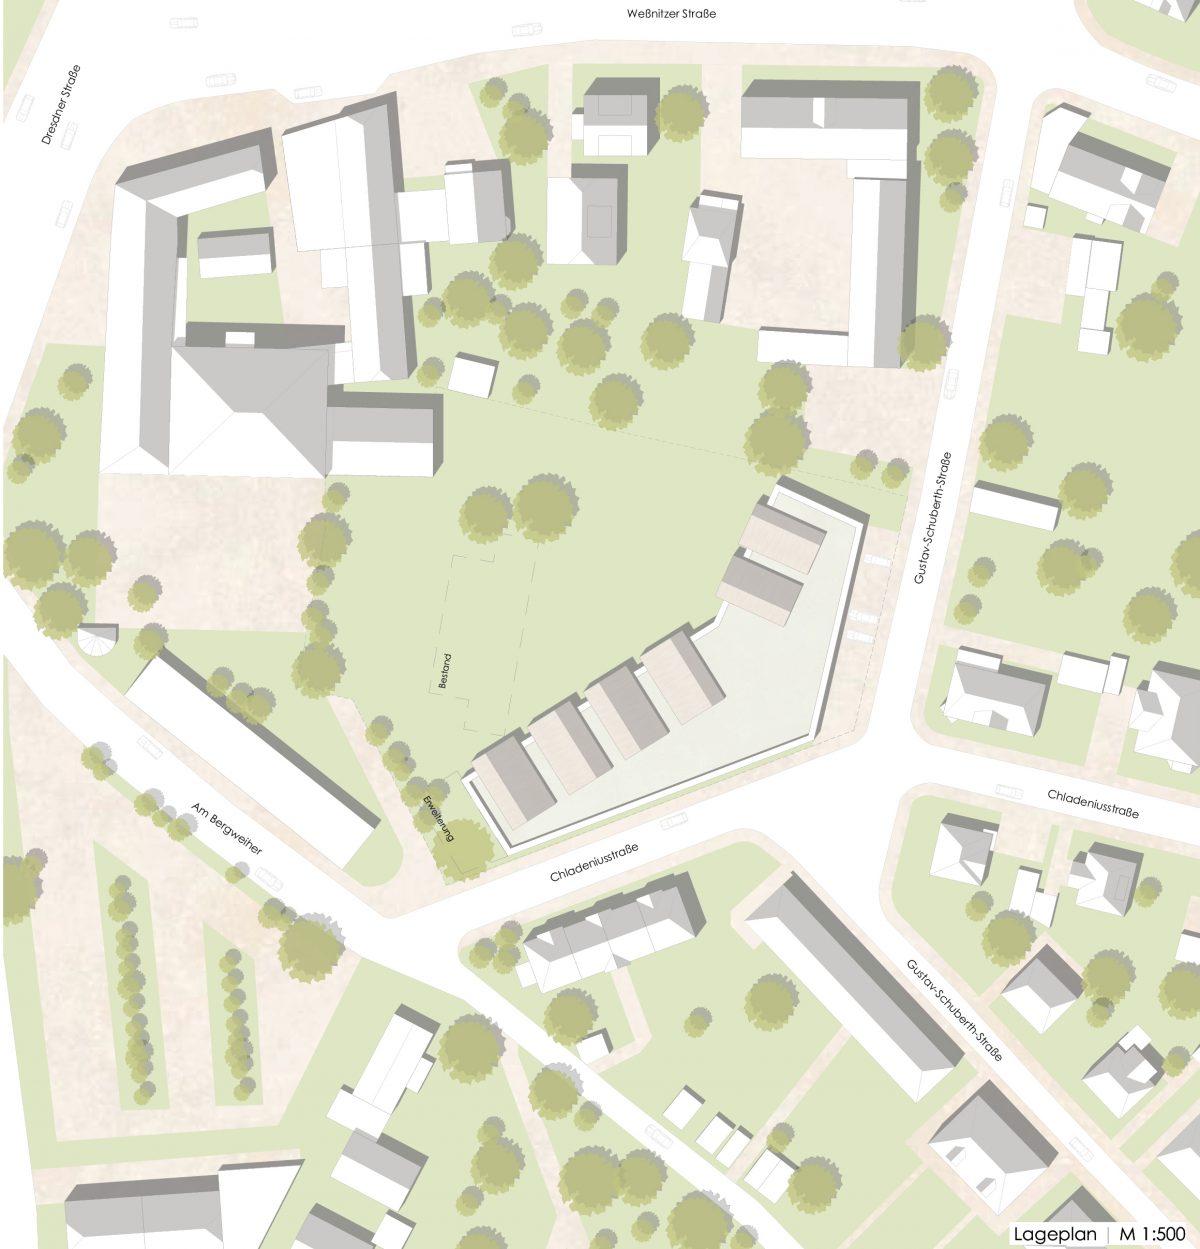 Lageplan, Kindertagesstätte, Großenhain